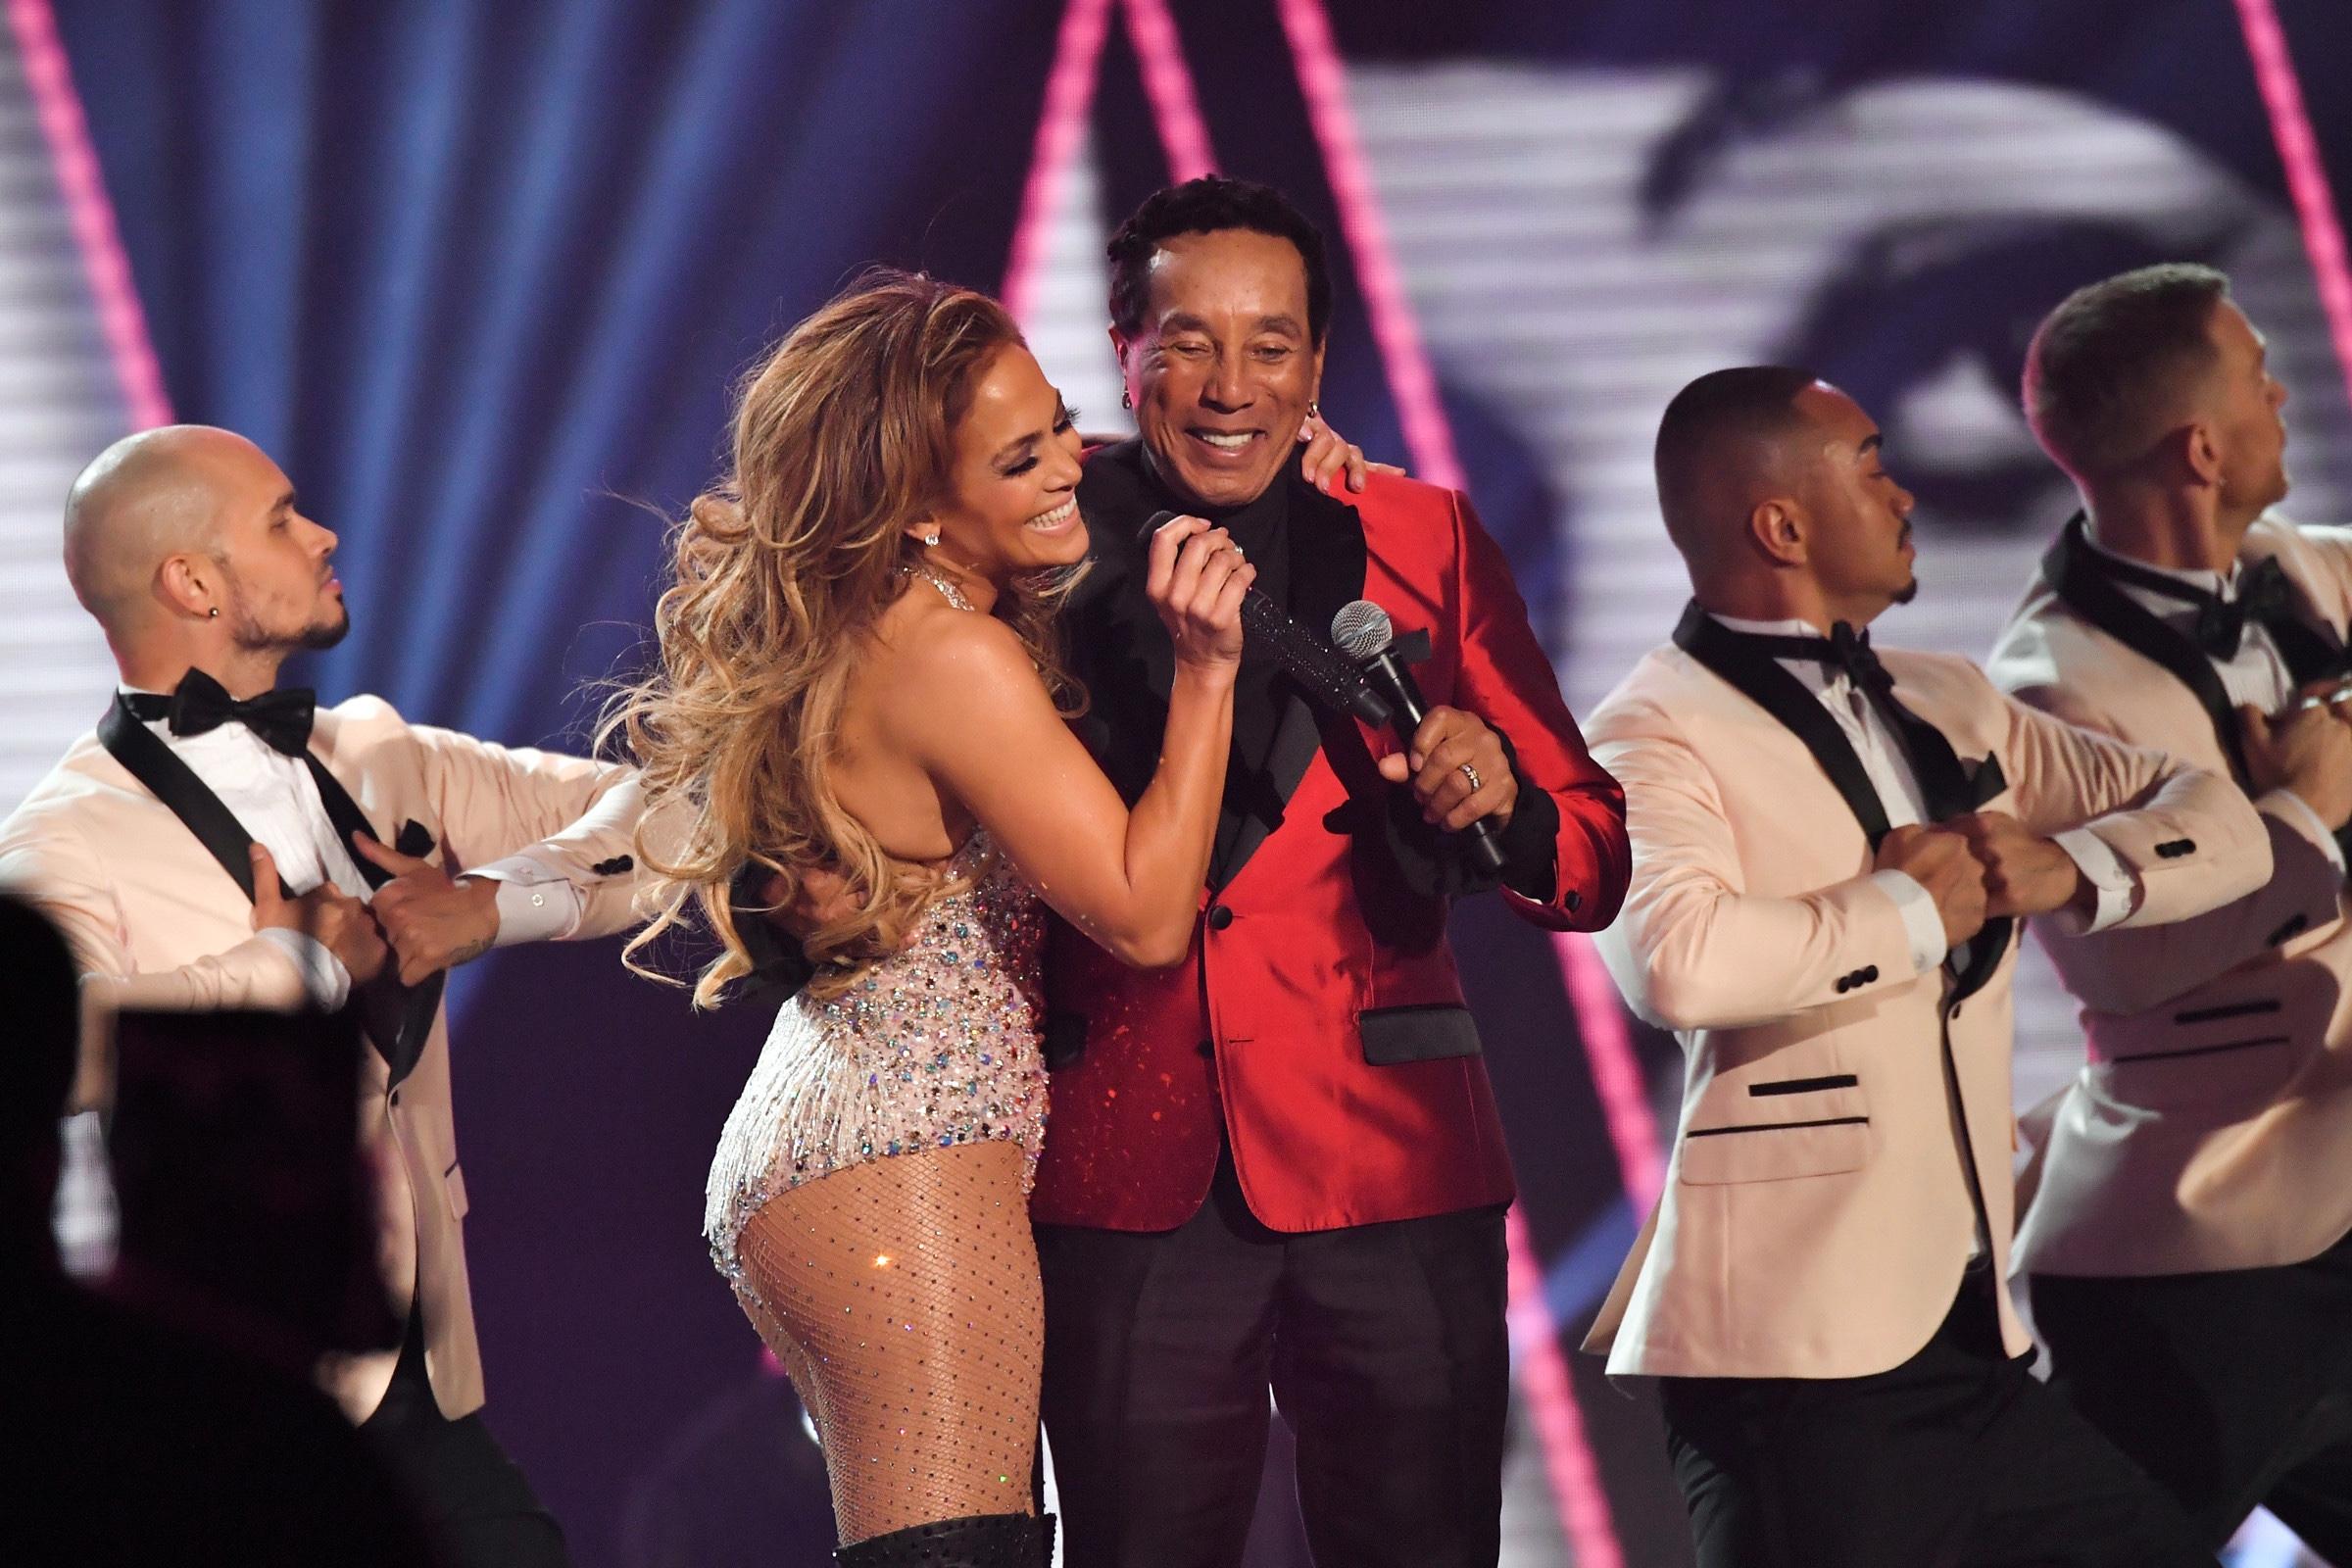 Jennifer Lopez and Smokey Robinson at The Grammys